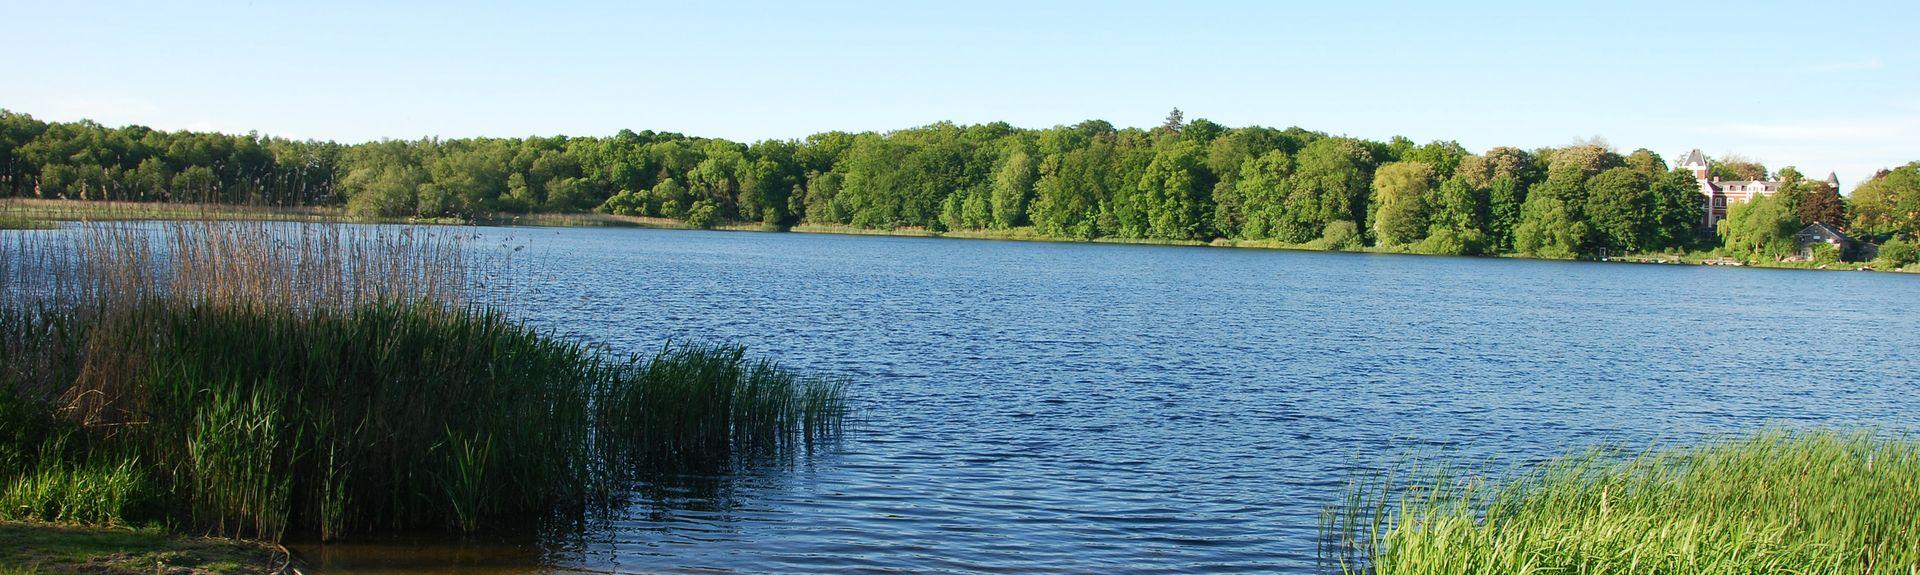 Bibow, Mecklenburg - Pomerania Occidentale, Germania